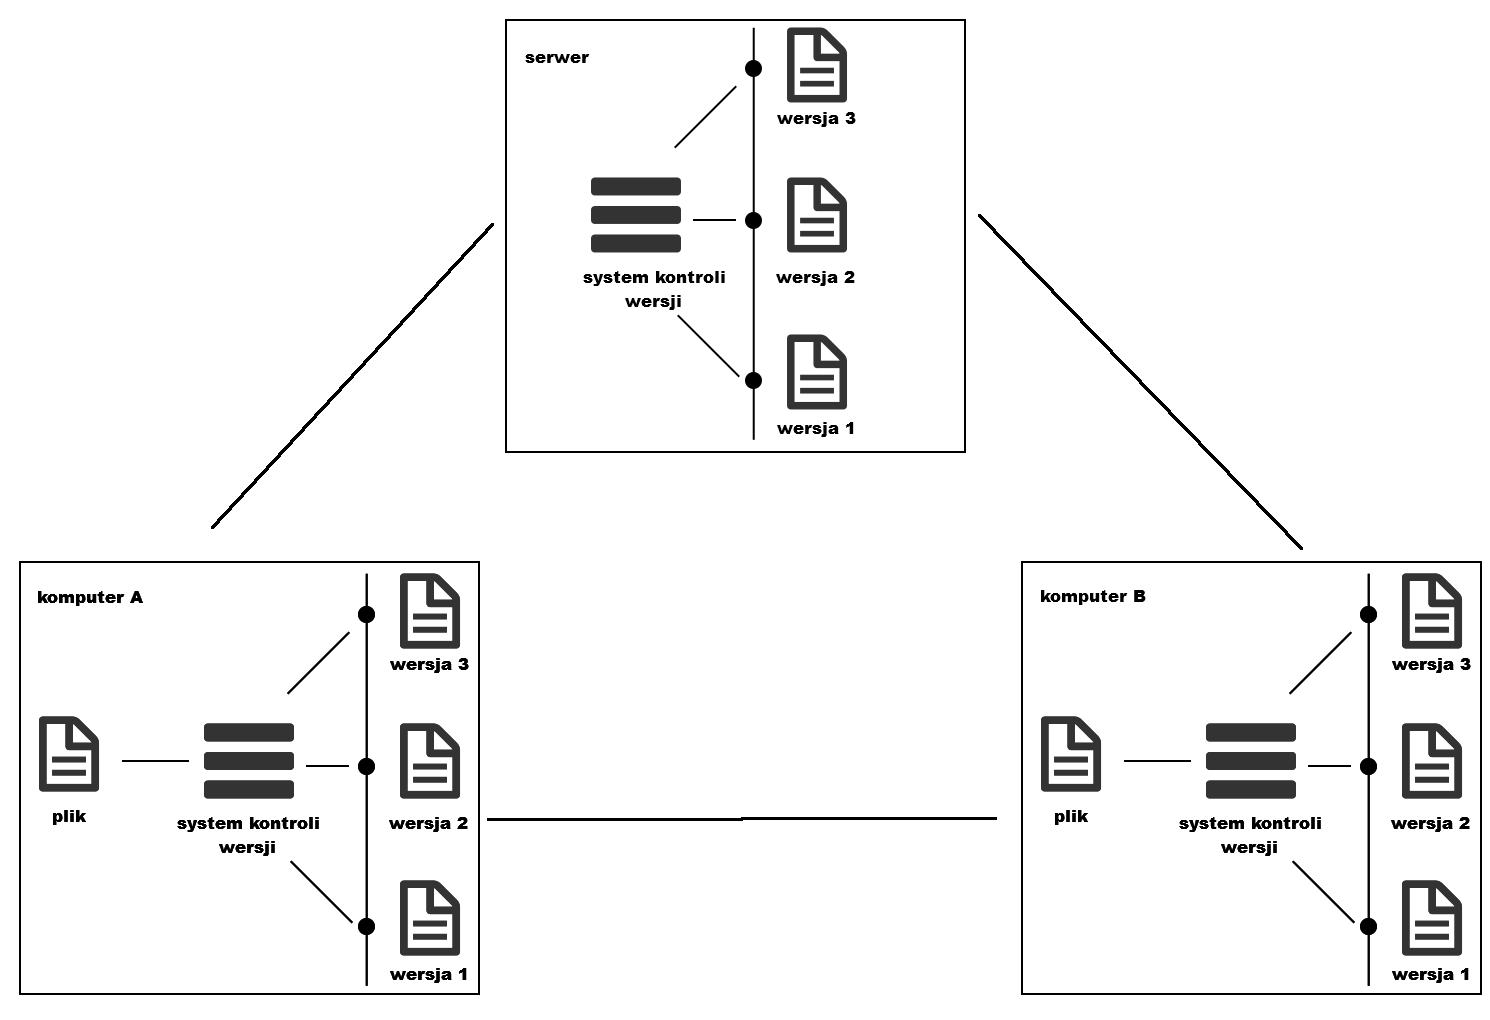 rozproszony-system-kontroli-wersji